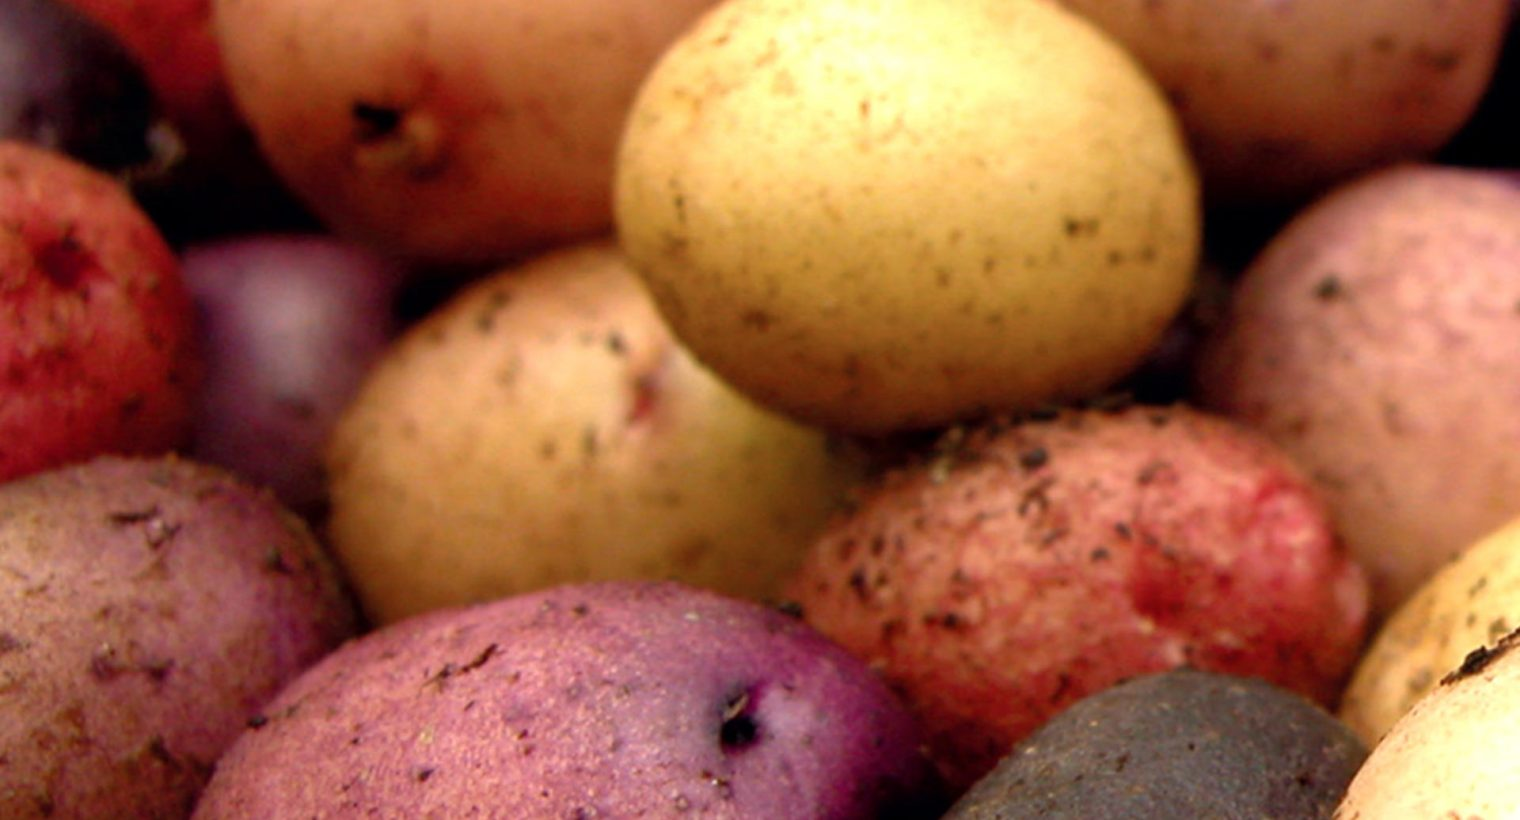 Oro Ağrı Edebiyatı - Patates Broşürü